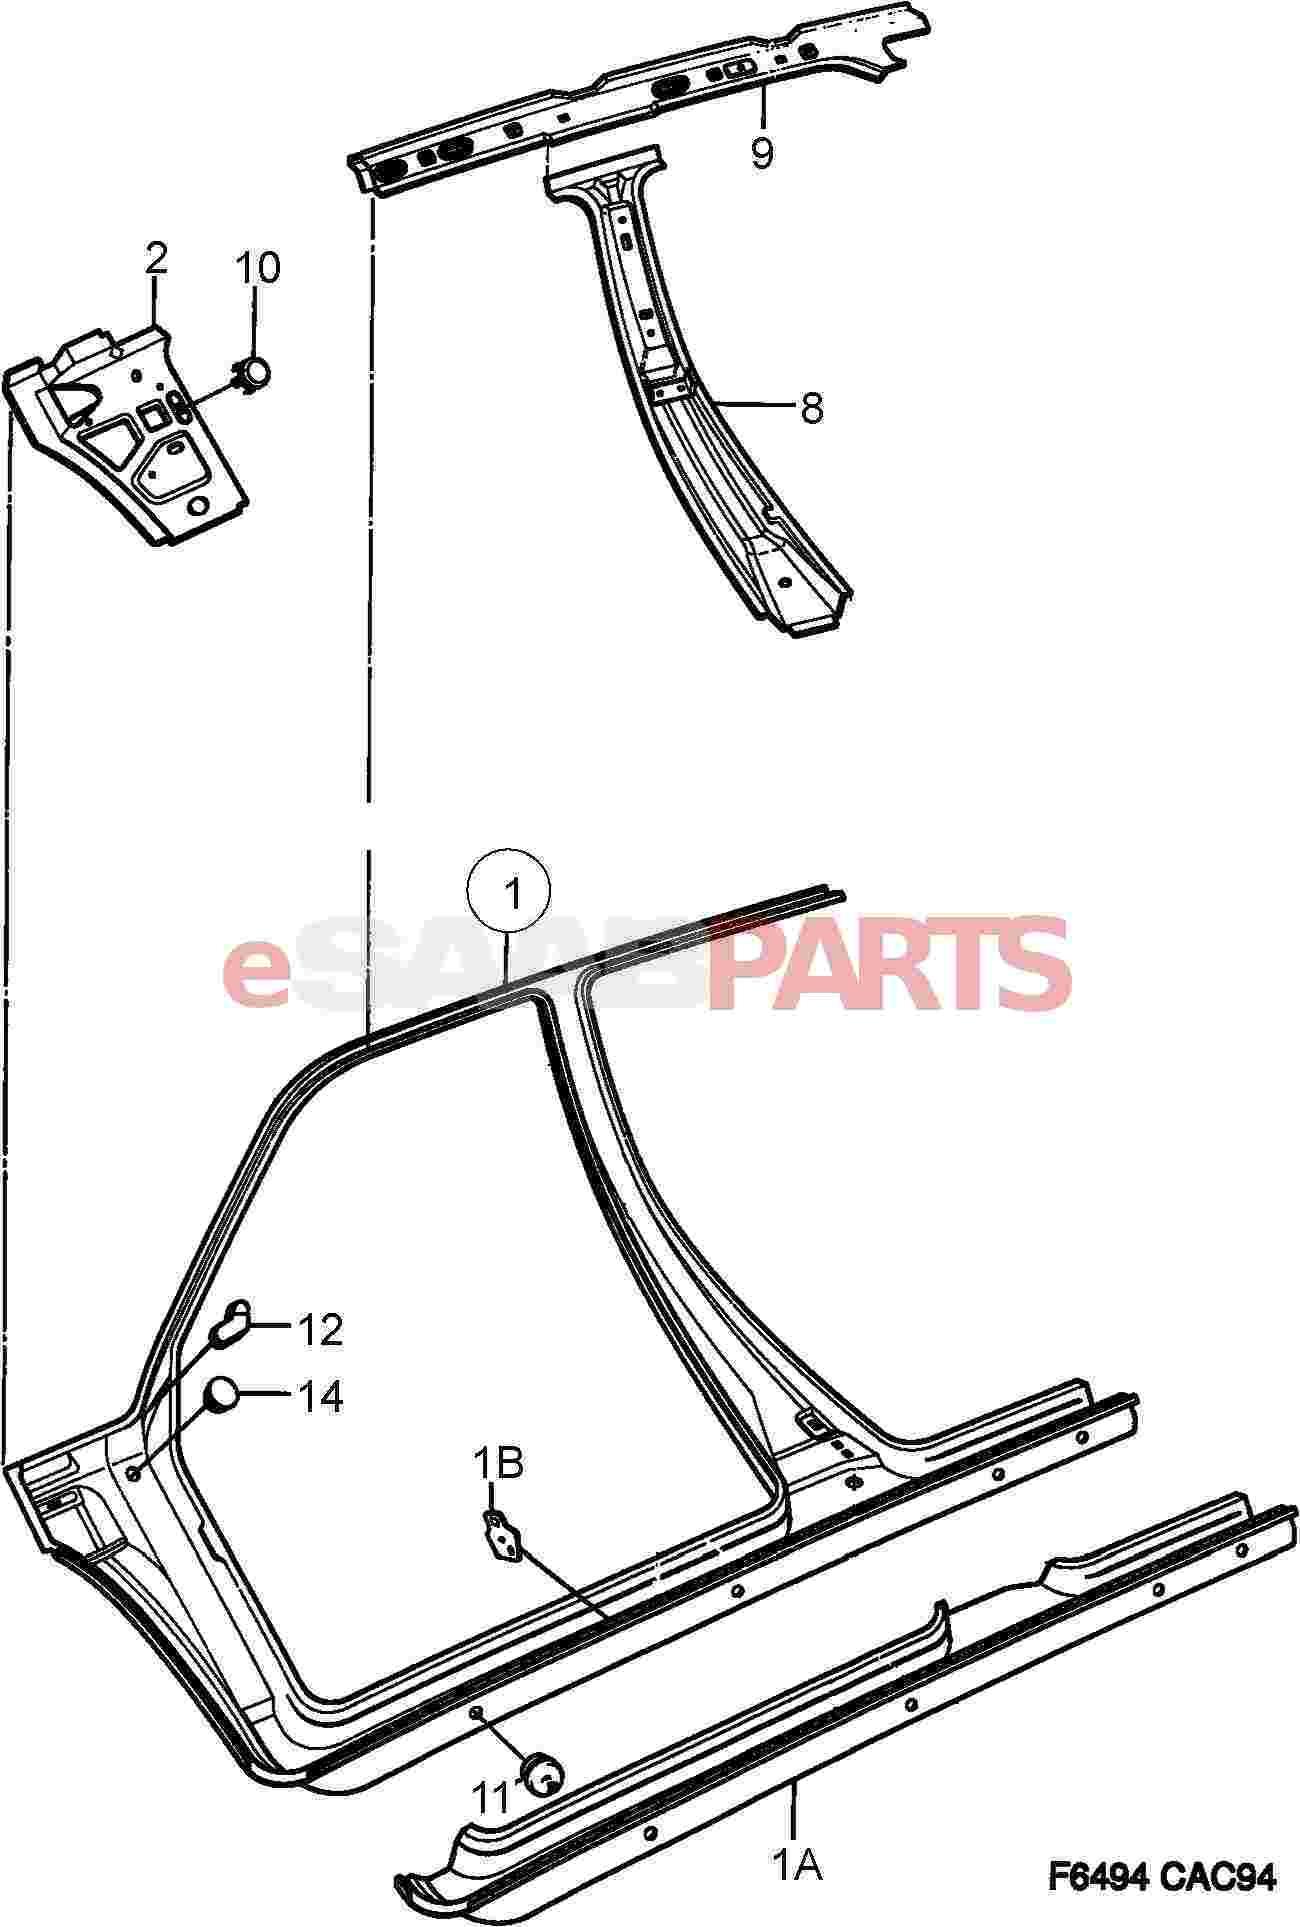 eSaabParts.com - Saab 9000 > Car Body: External Parts > Body Parts ...